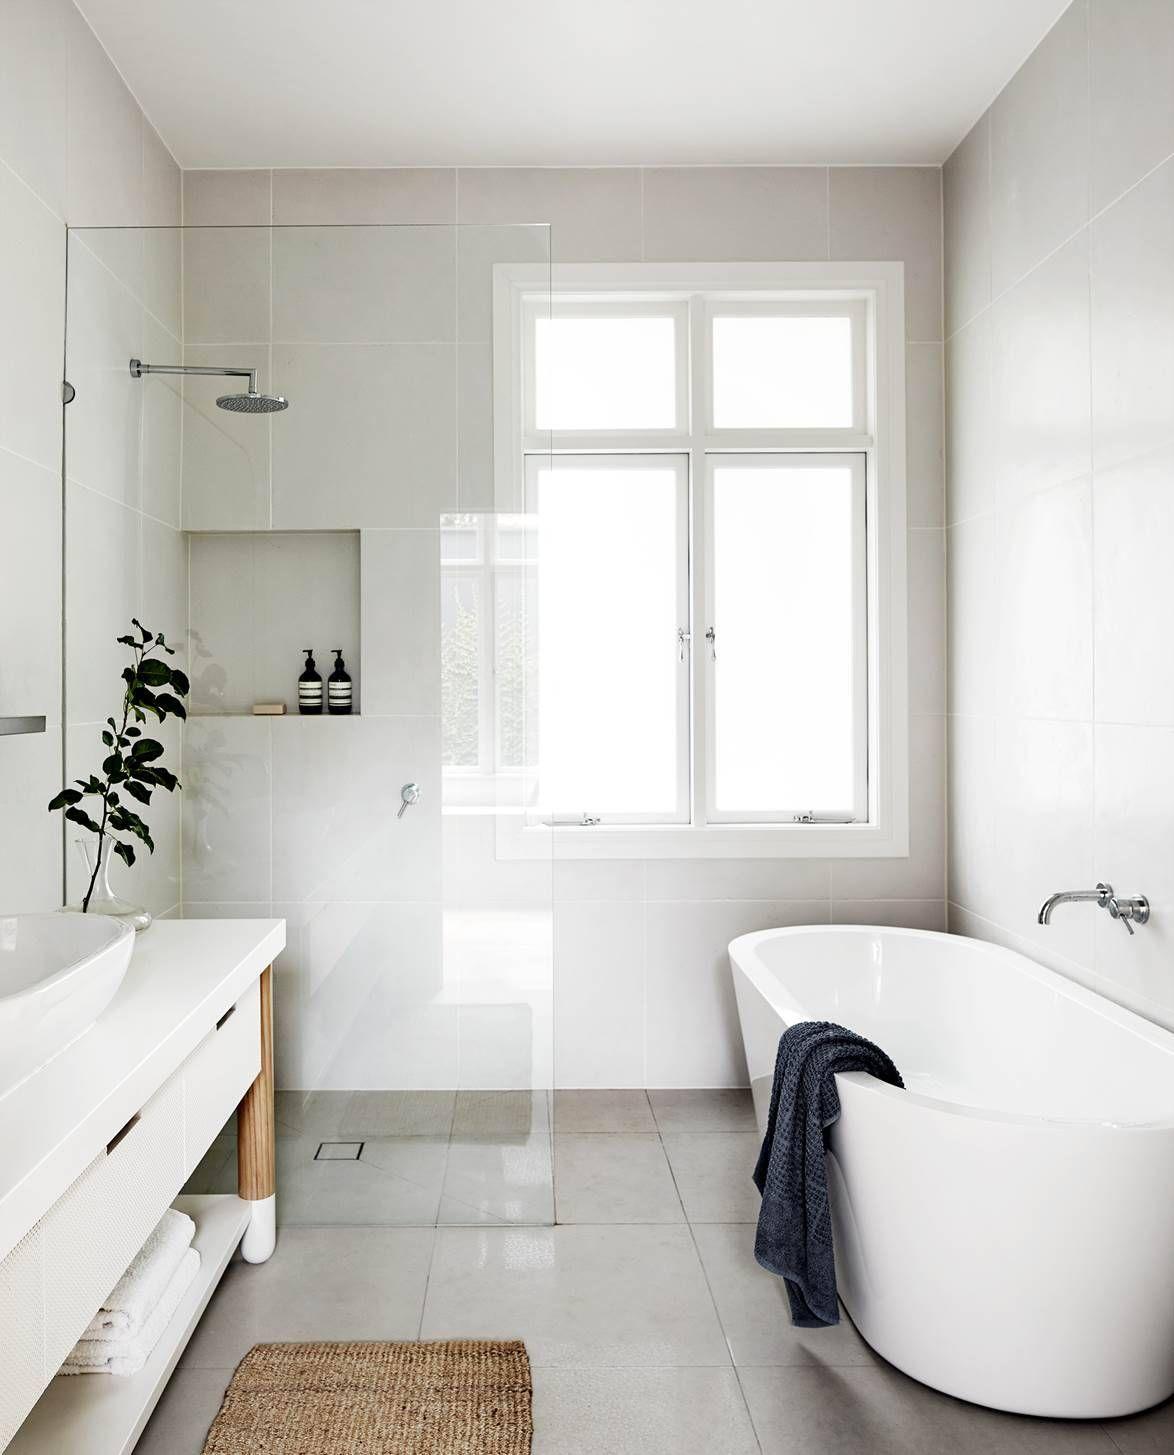 Inspiratieboost: een stijlvolle douchewand in de badkamer